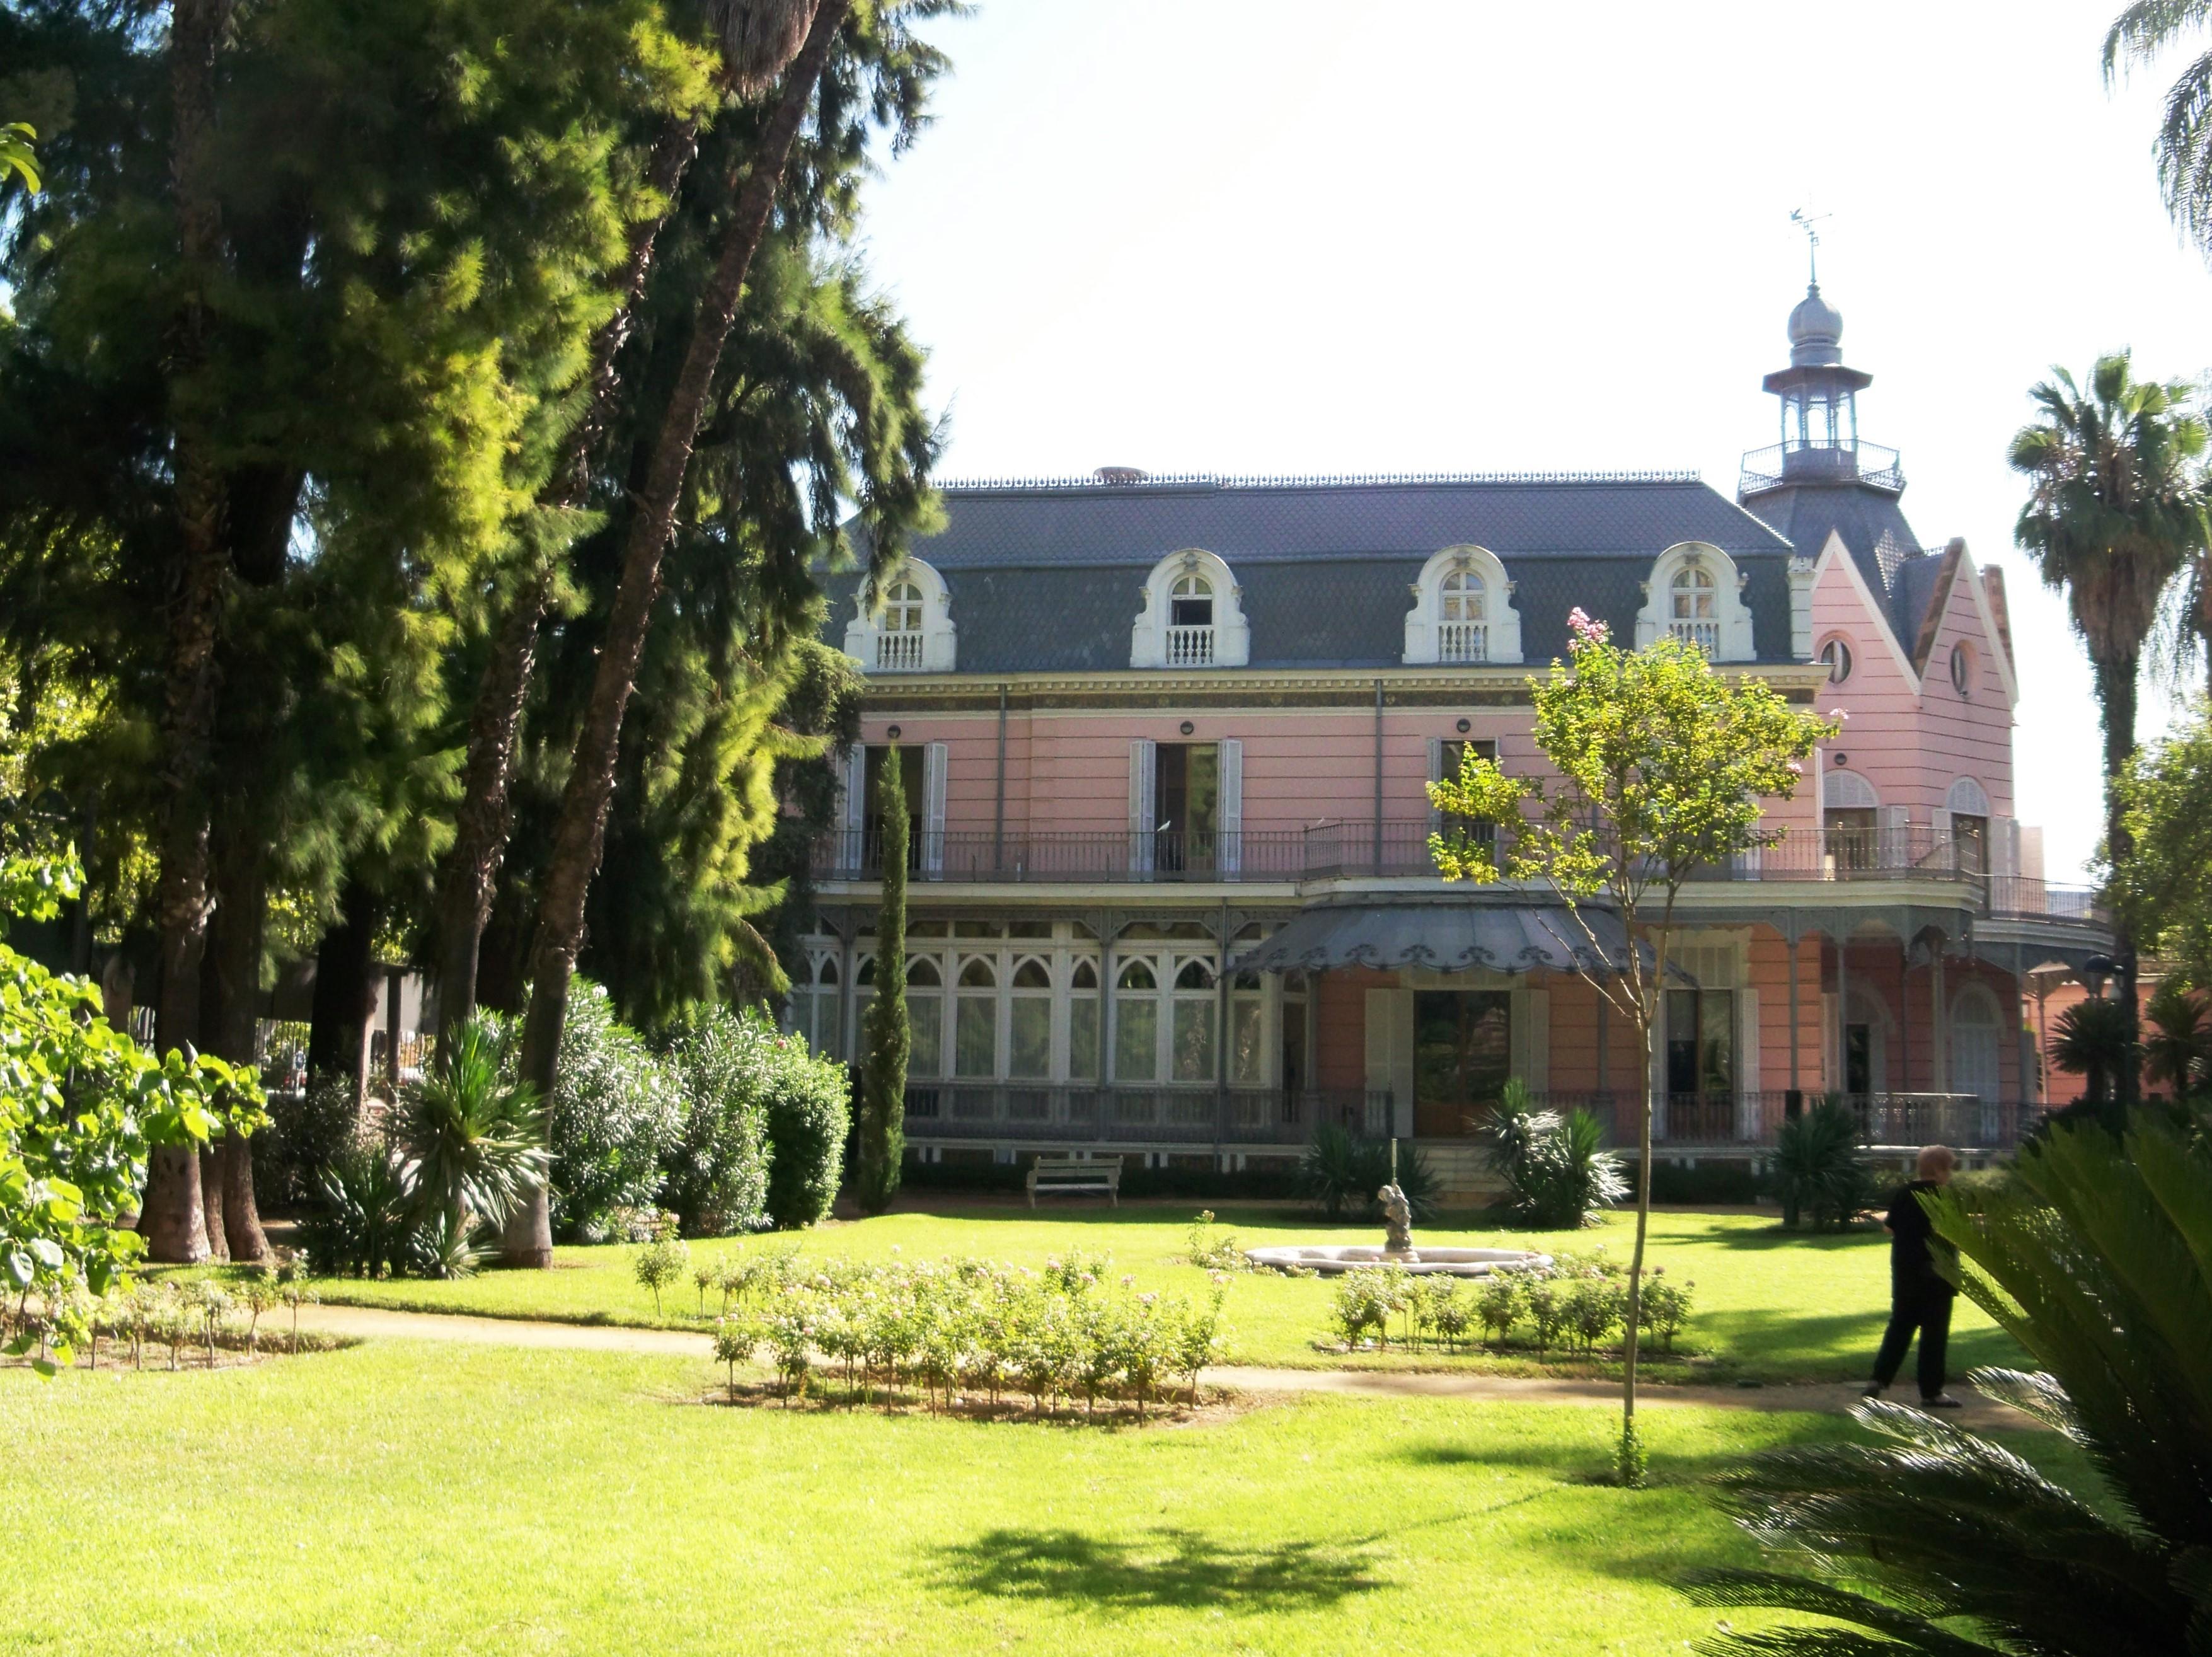 Jard n de la casa rosa asociaci n amigos de los jardines for Jardines romanticos